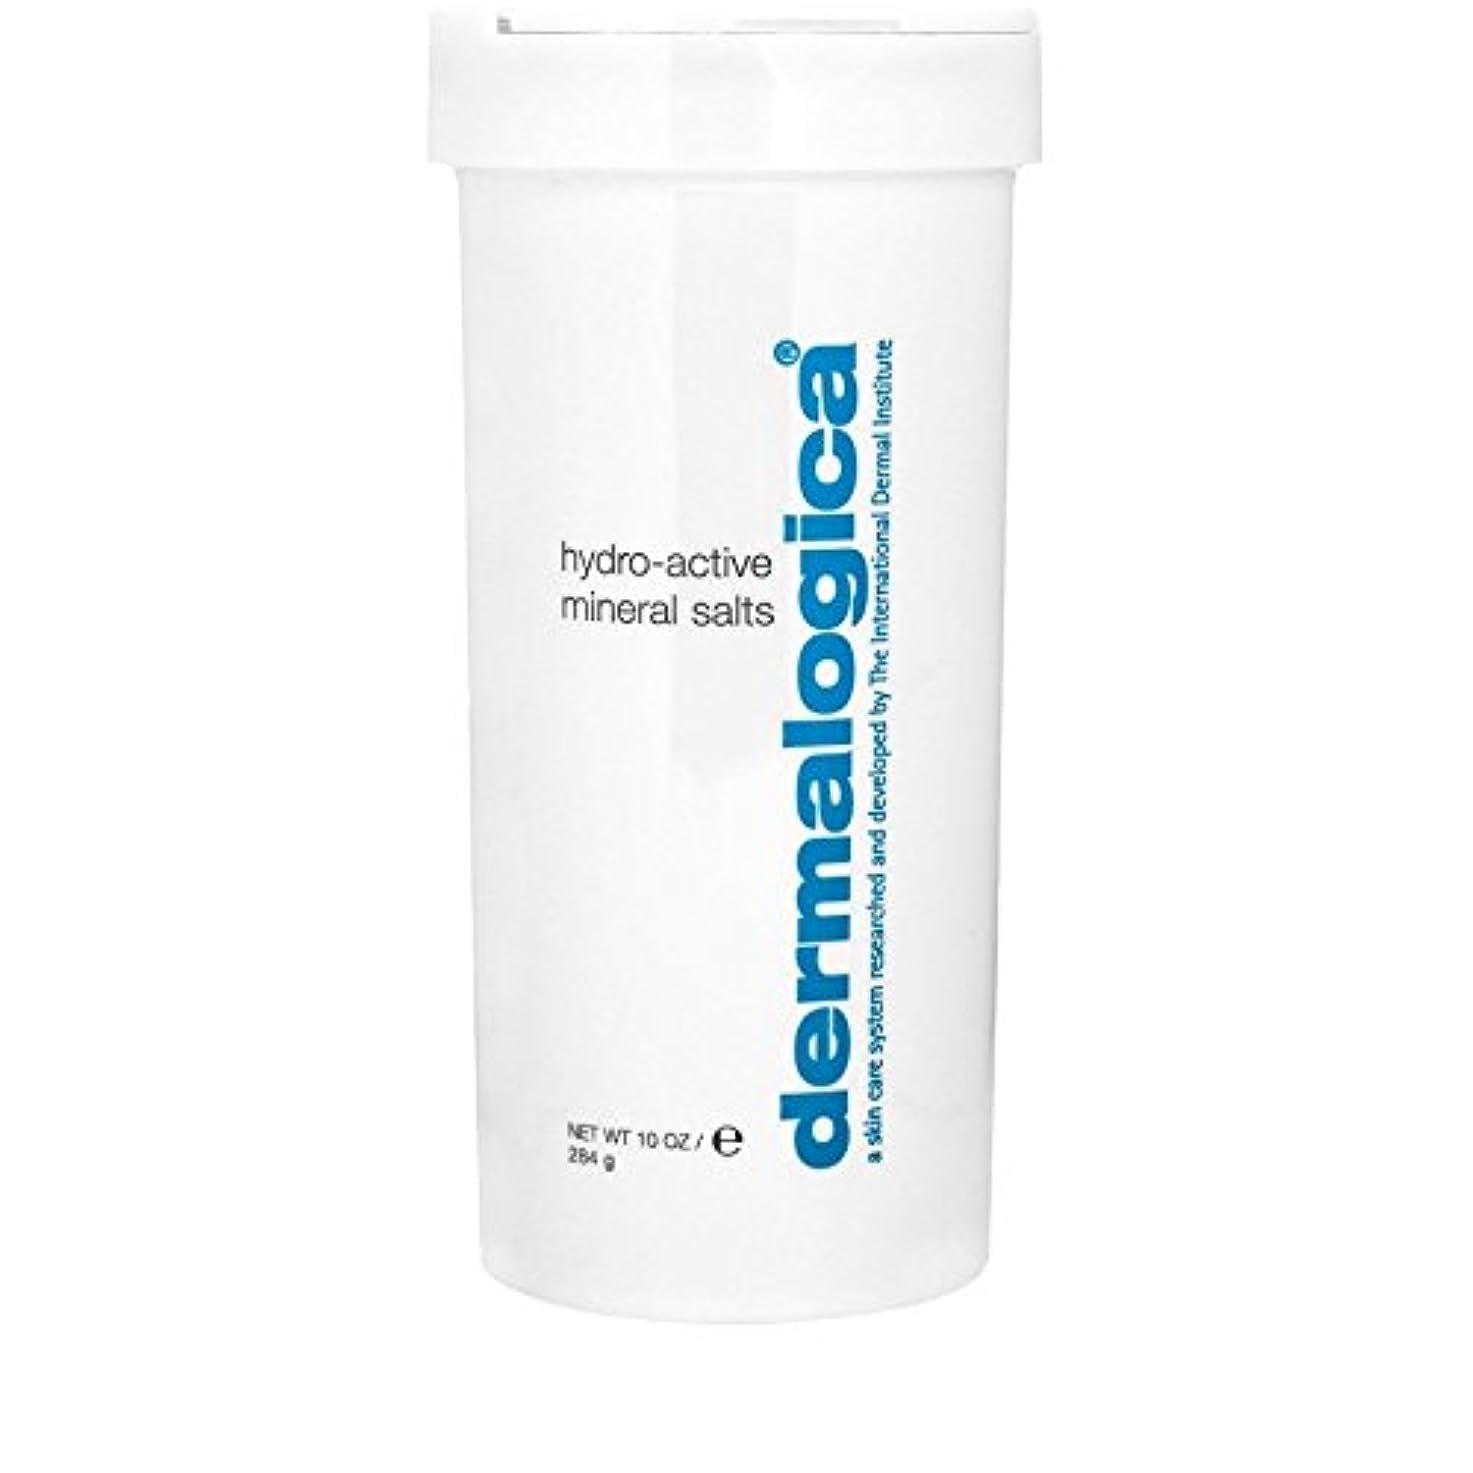 多年生解読するタイヤDermalogica Hydro Active Mineral Salt 284g (Pack of 6) - ダーマロジカ水力アクティブミネラル塩284グラム x6 [並行輸入品]